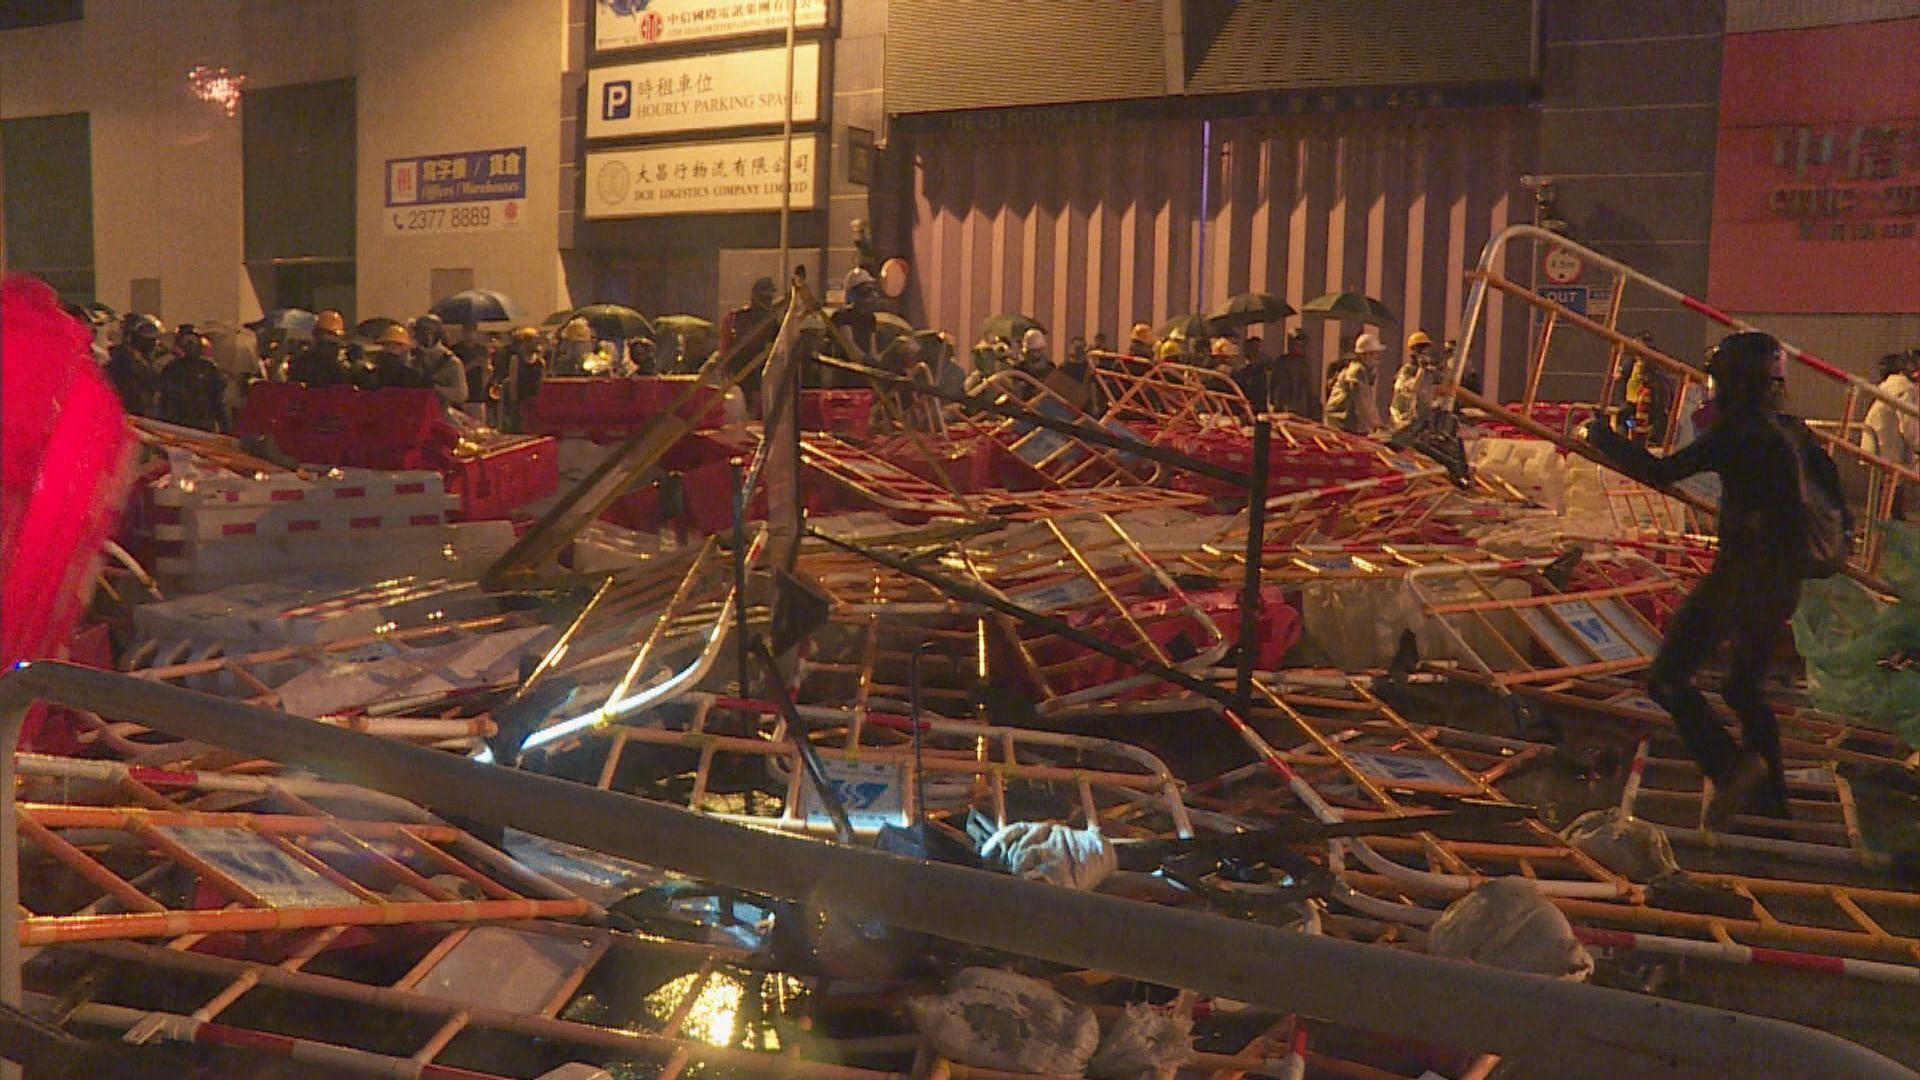 政府斥資逾千萬維修或重置示威中受損設施